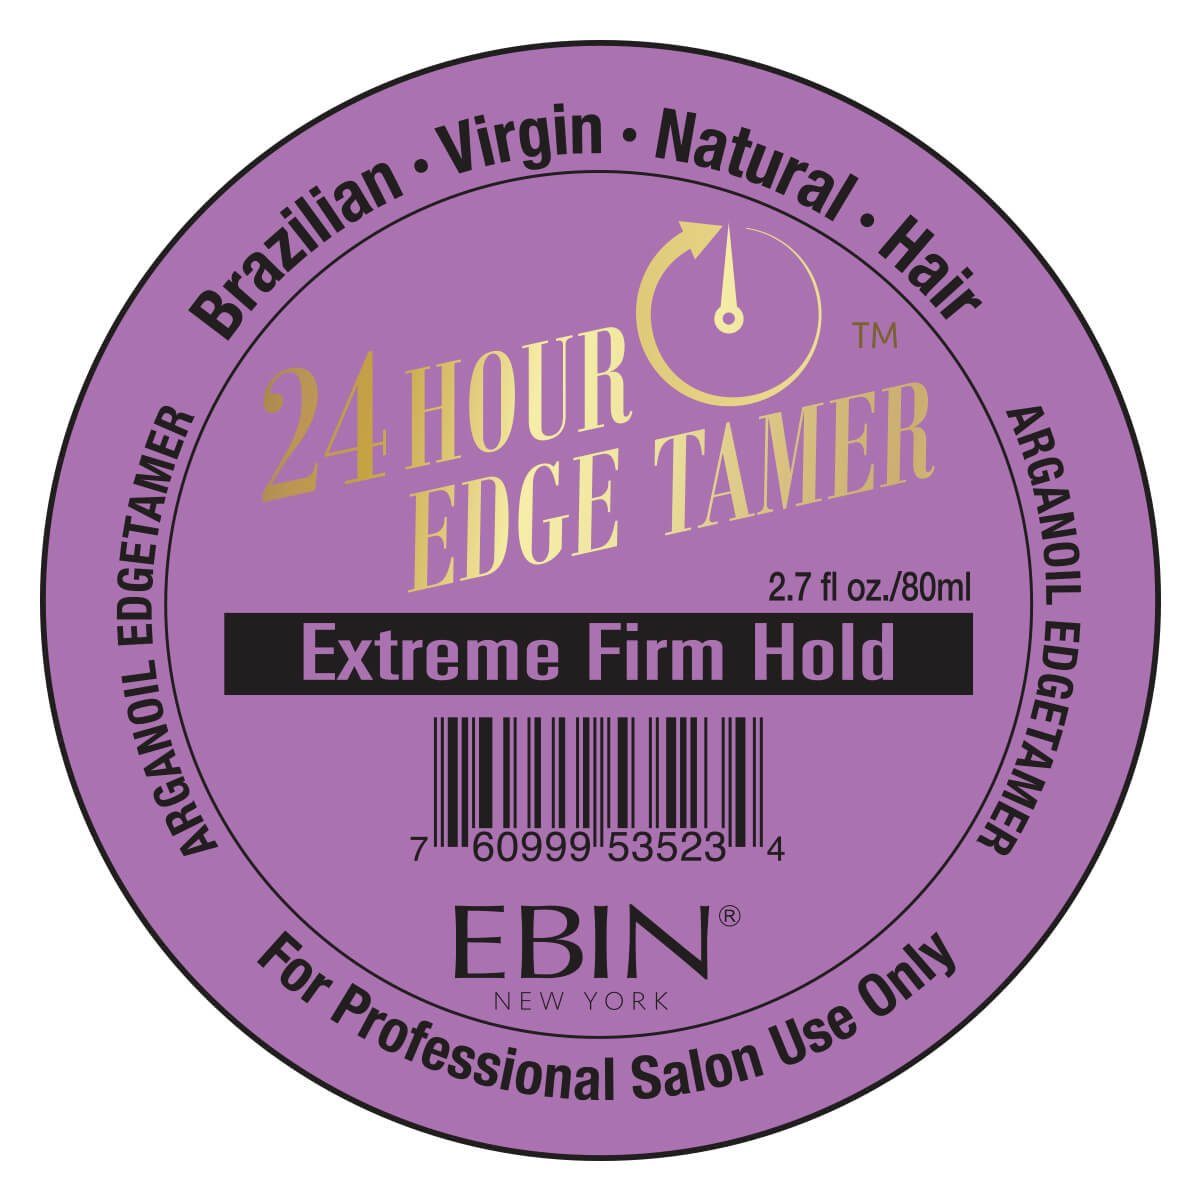 Ebin New York 24 Hour Edge Tamer (24Hr EXTREME FIRM HOLD 2.7oz)